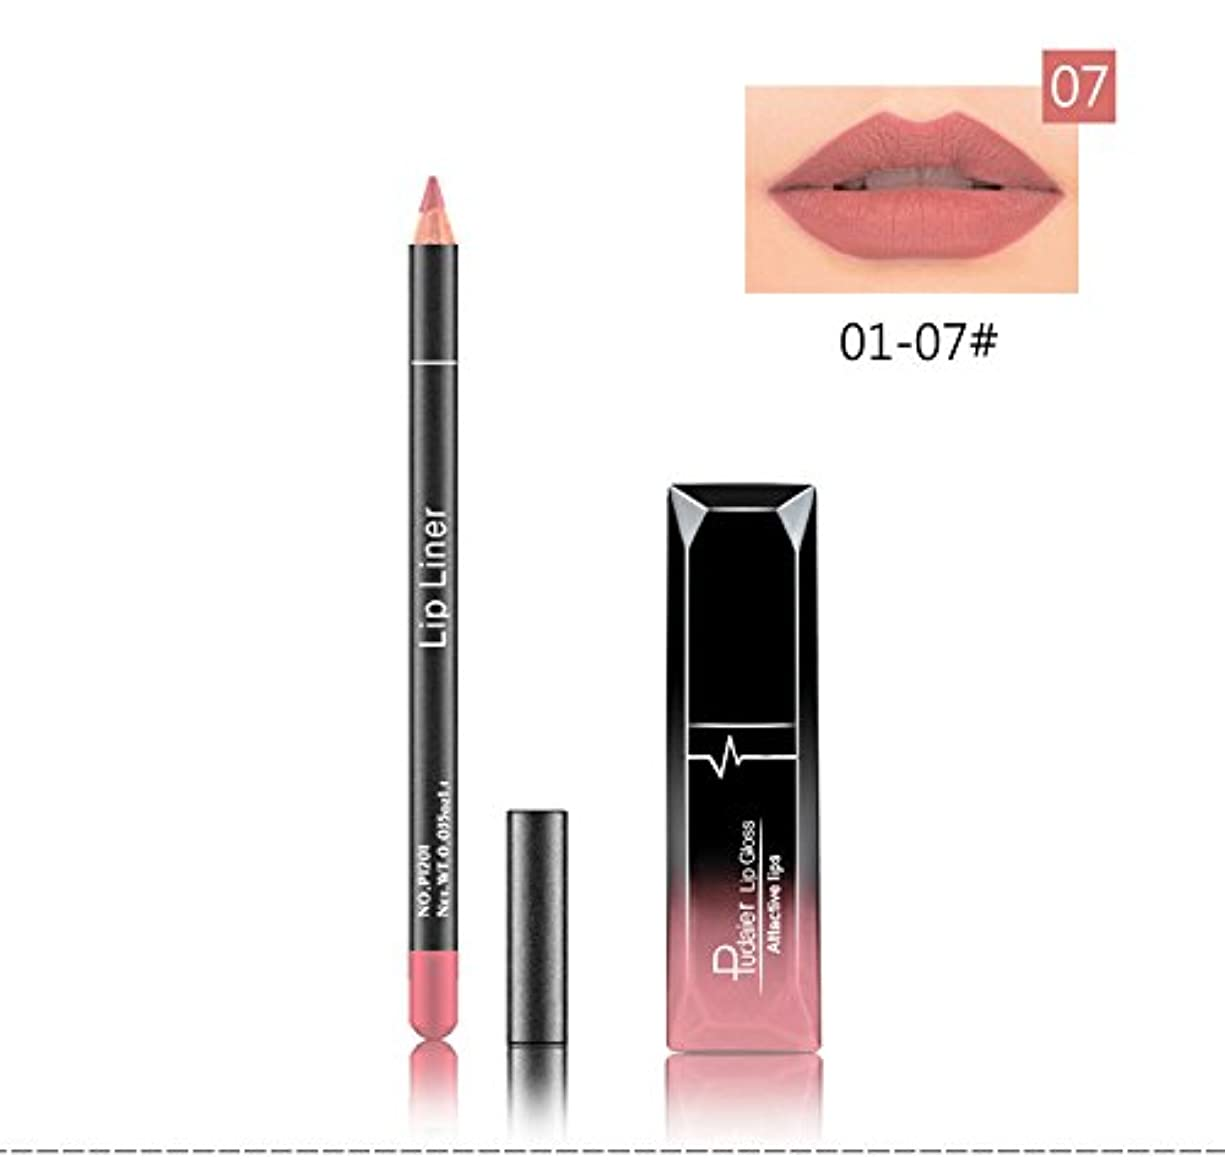 落ち着く背骨大いに(07) Pudaier 1pc Matte Liquid Lipstick Cosmetic Lip Kit+ 1 Pc Nude Lip Liner Pencil MakeUp Set Waterproof Long...